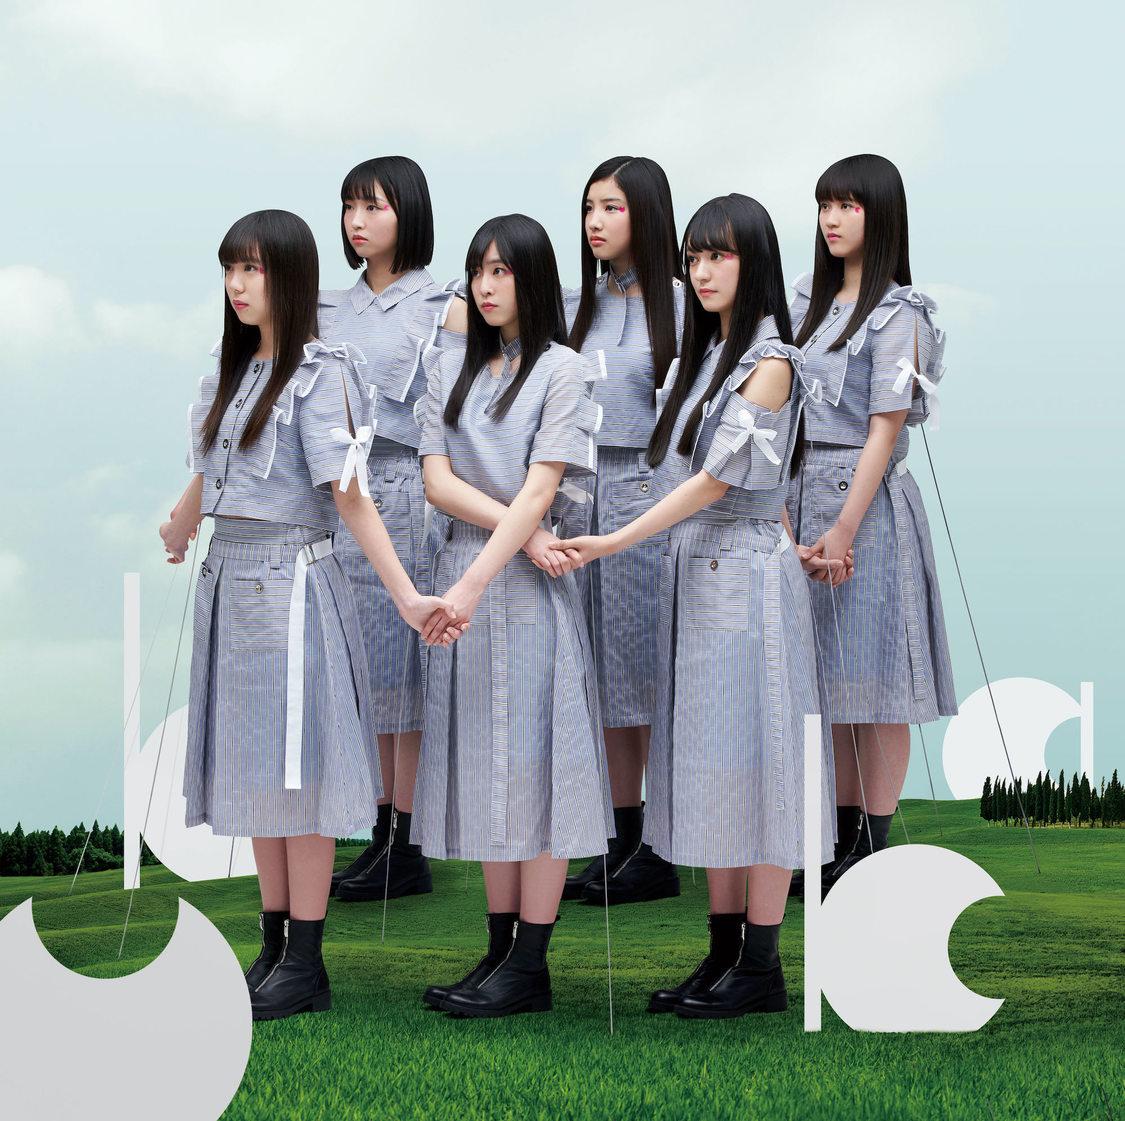 ukka、1st SG「恋、いちばんめ」6/24リリース決定!